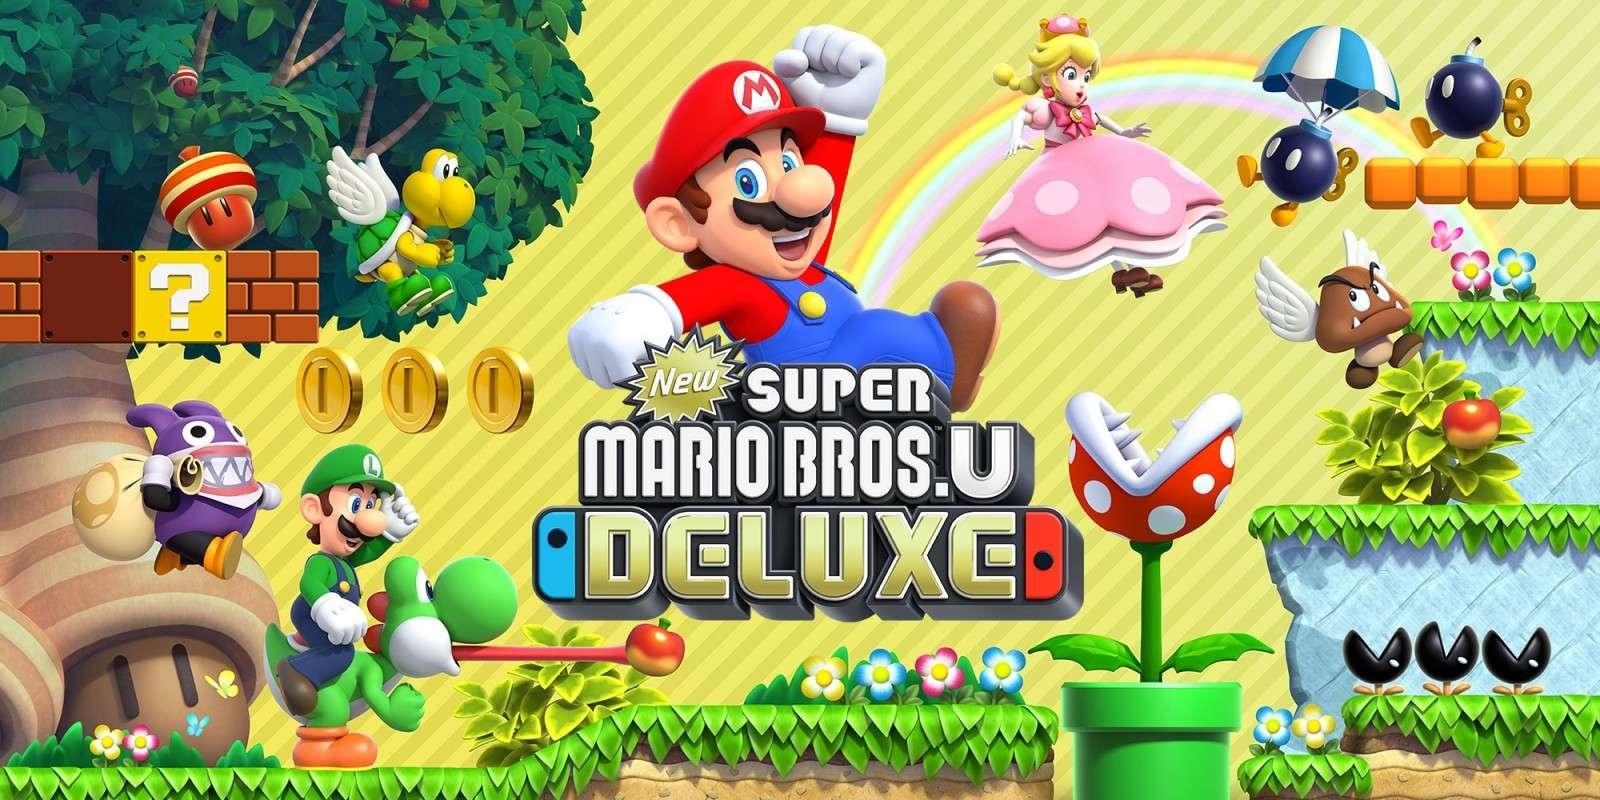 """Résultat de recherche d'images pour """"Super Mario Bros. U Deluxe Nintendo Switch"""""""